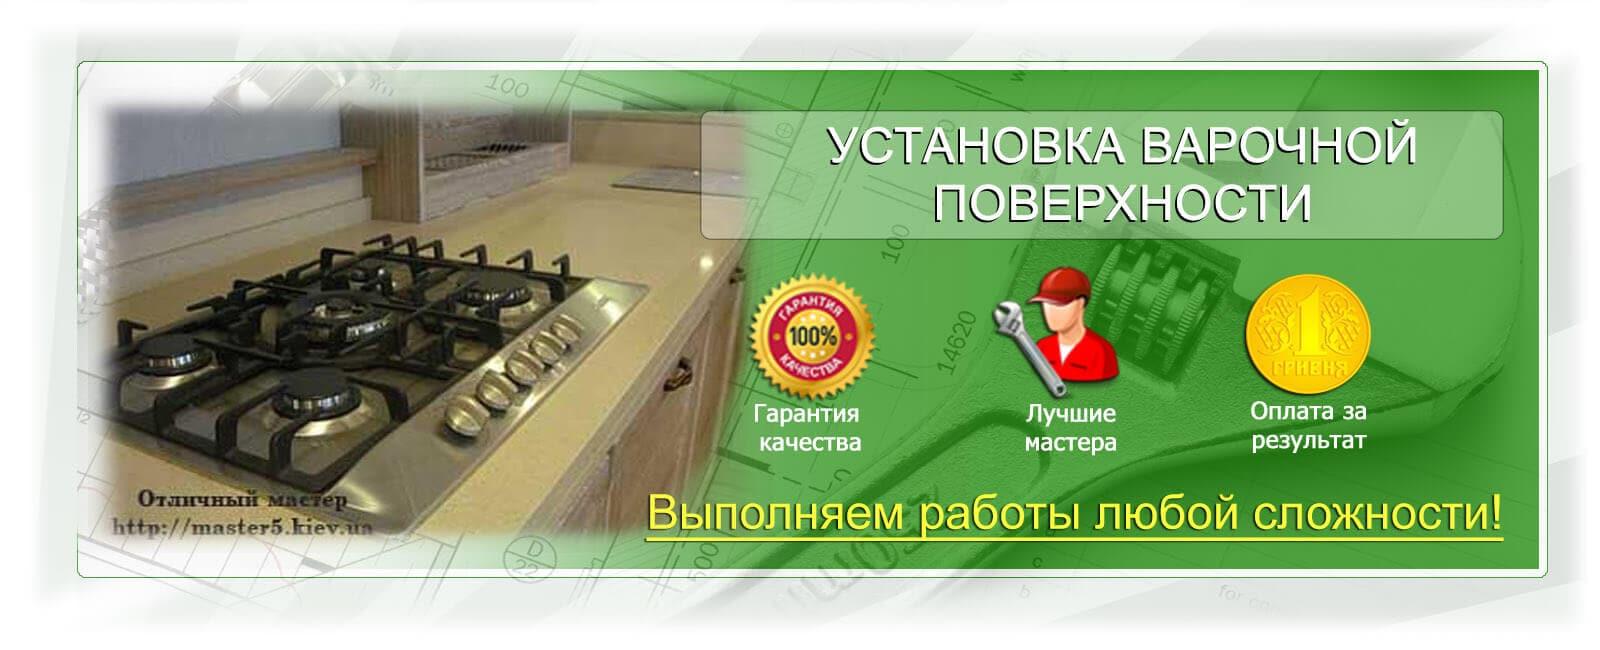 ustanovka-varochnoy-poverkhnosti